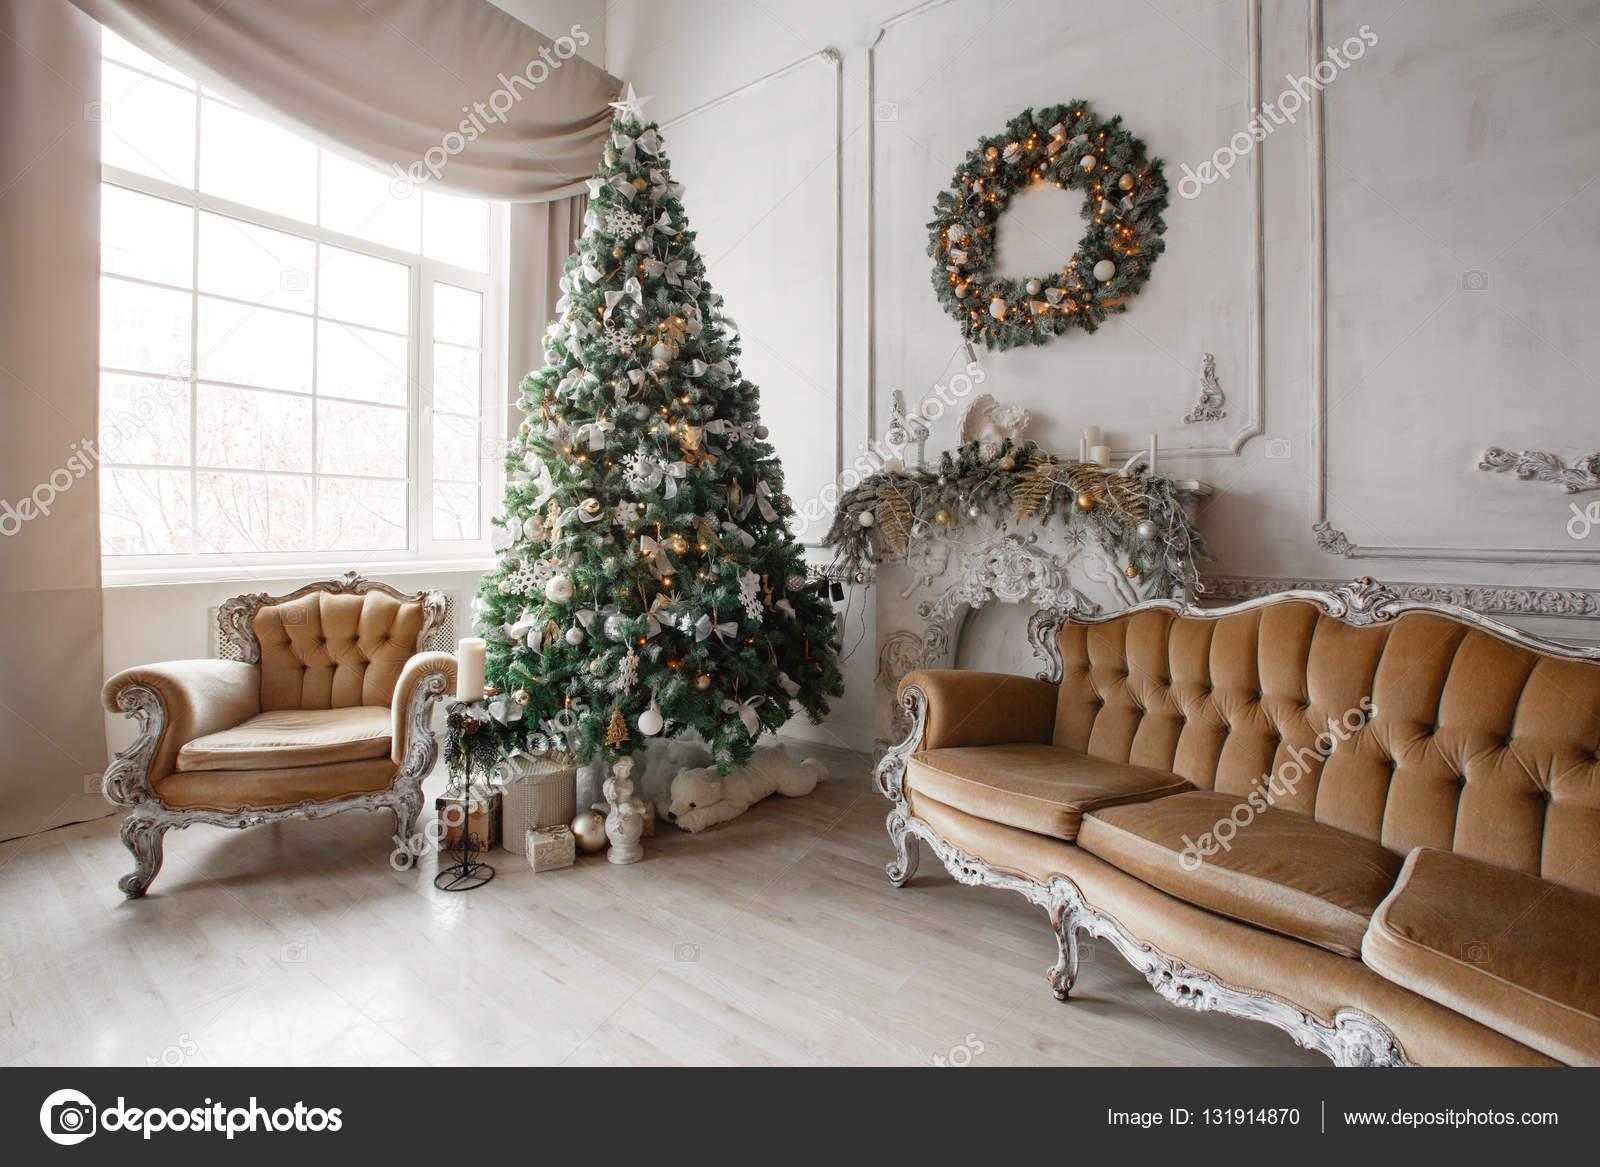 Gaas Het Interieur : Rustig beeld van interieur klassiek new year tree ingericht